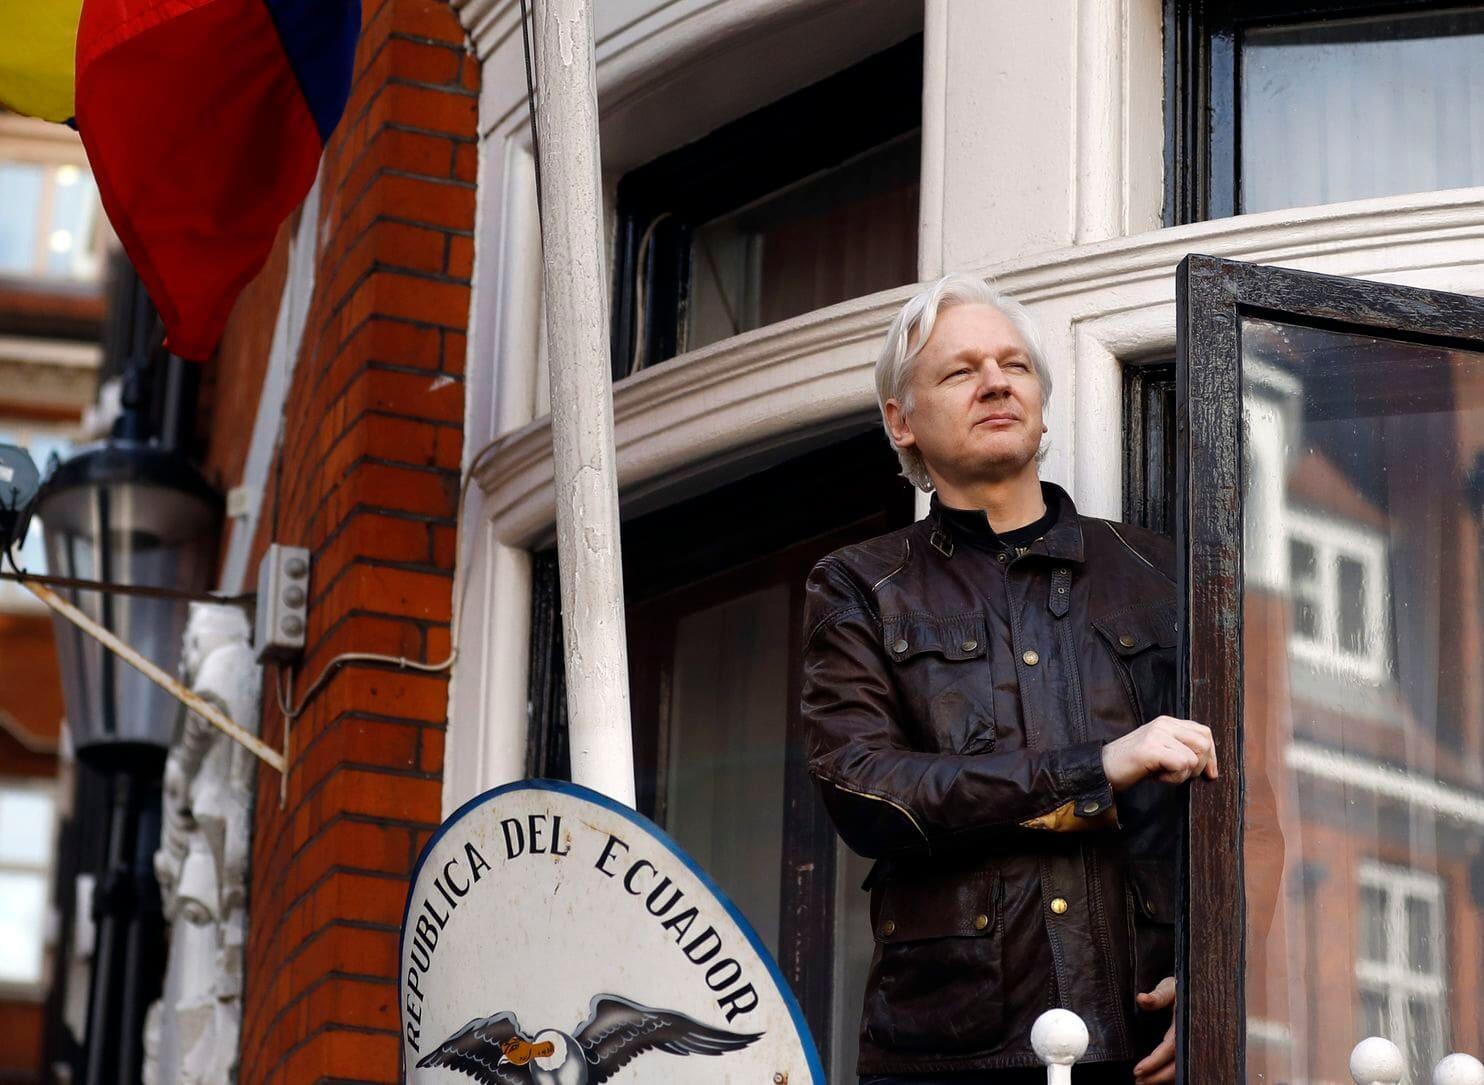 快讯!维基解密创始人阿桑奇在英被判50周监禁,因违反保释条例